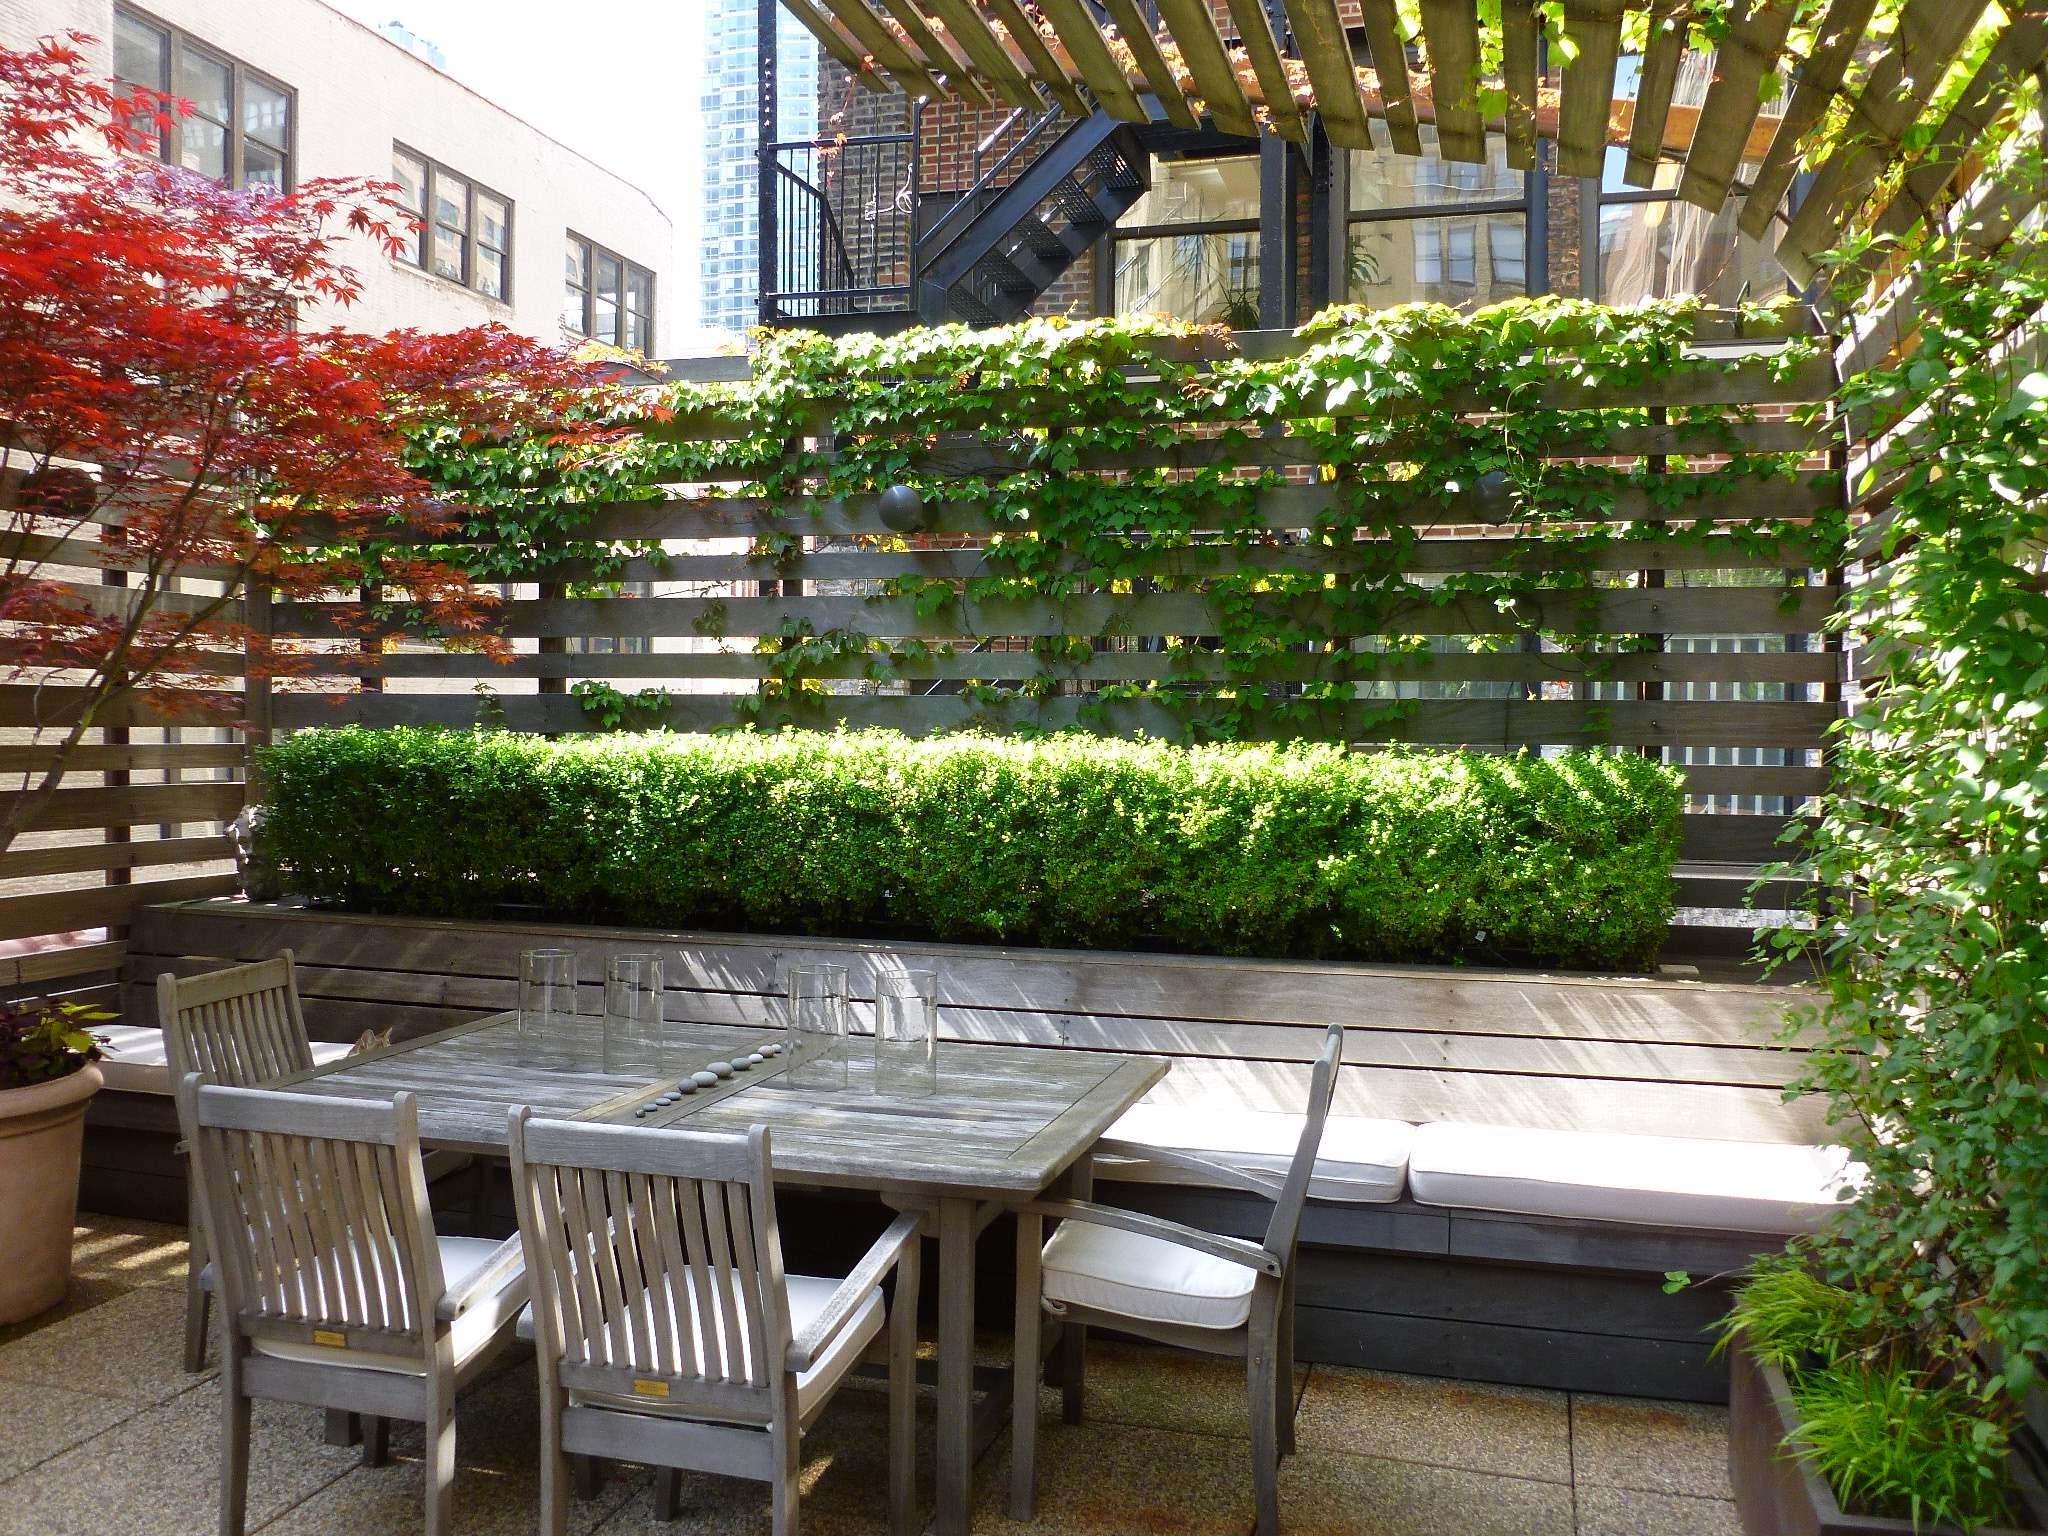 Tolle Terrassengestaltung Ideen mit Holz im Retro Stil